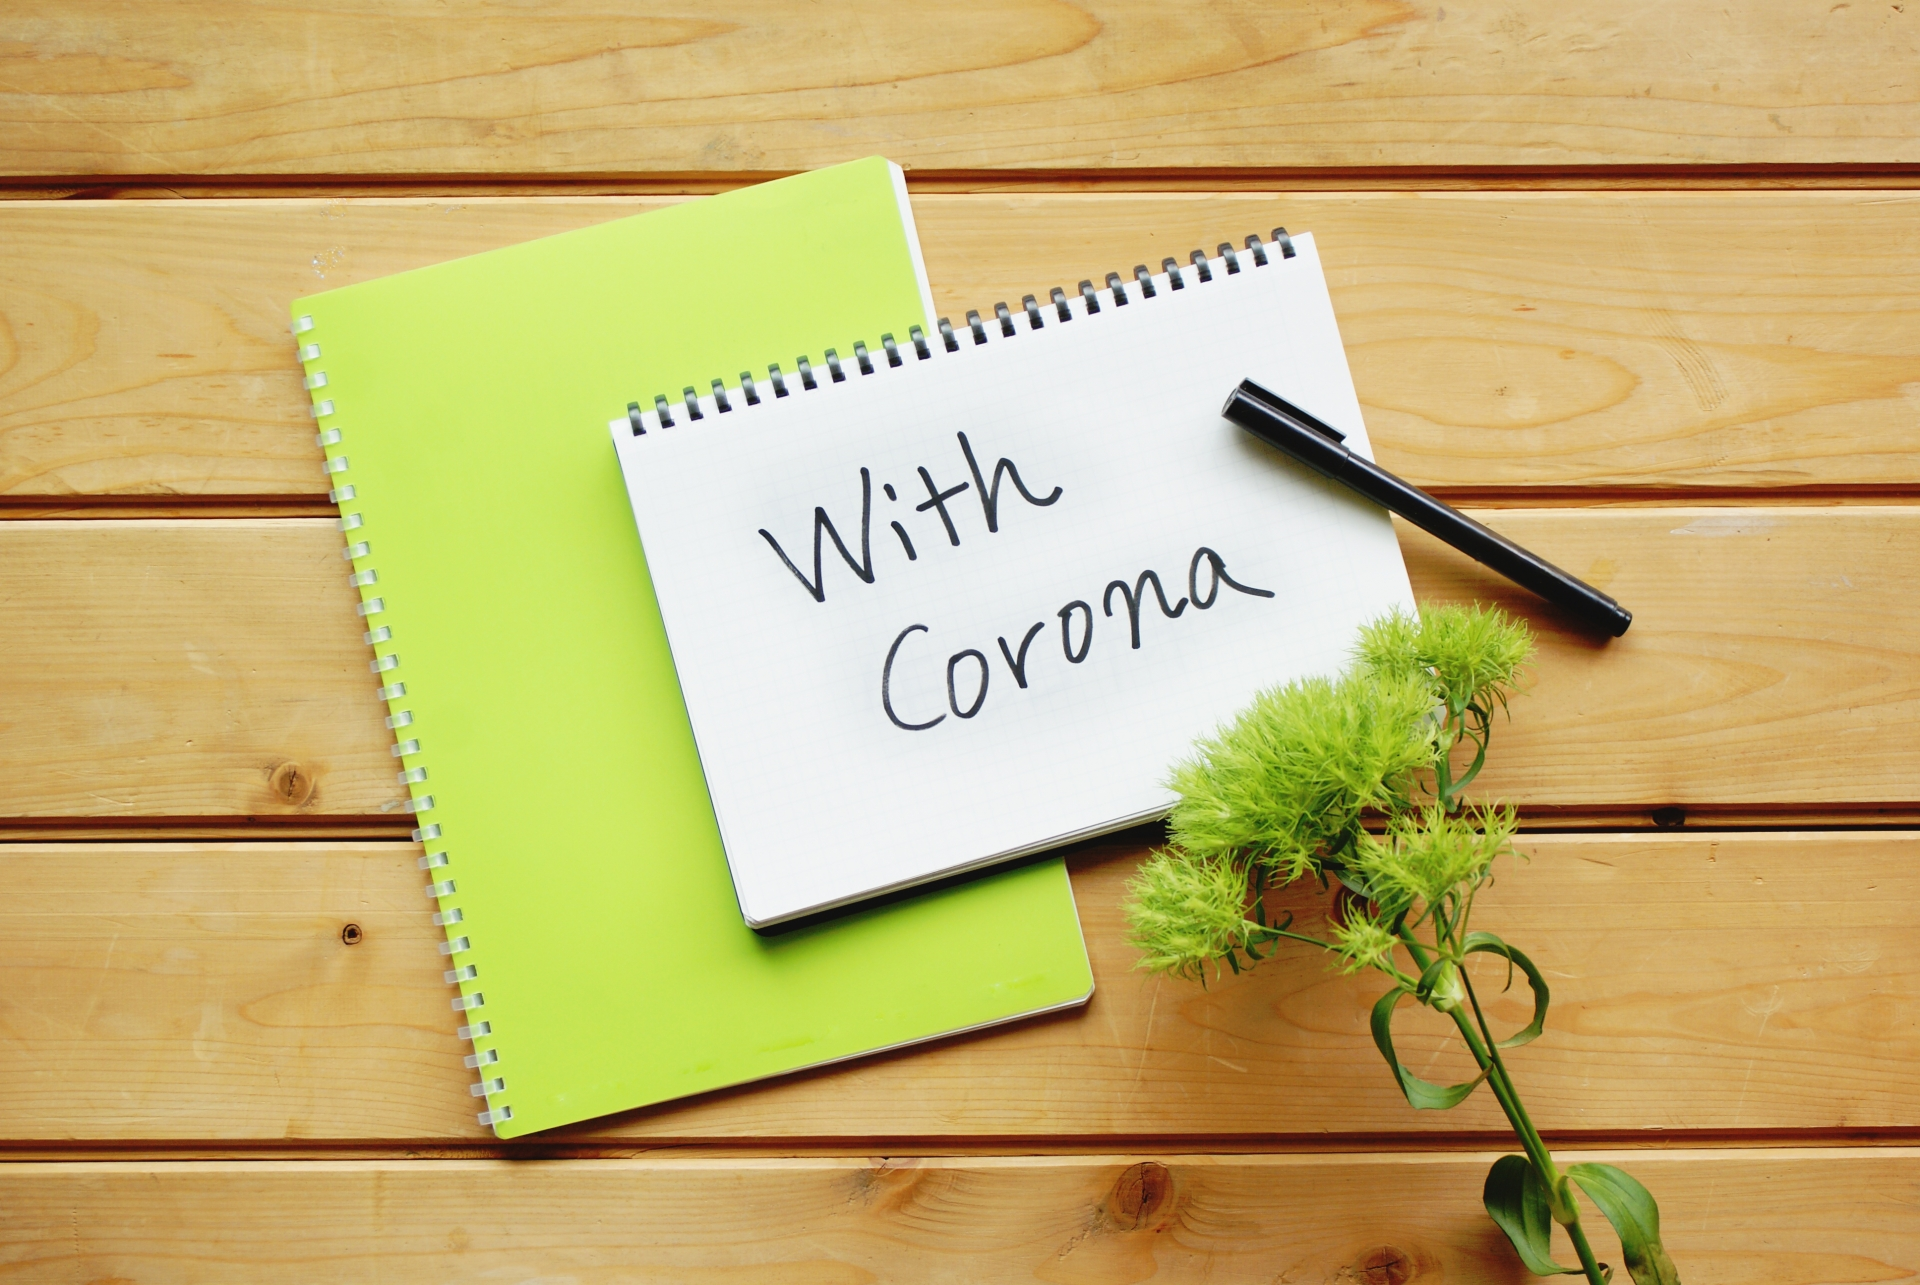 新型コロナウイルス感染拡大に伴う弊社対応について